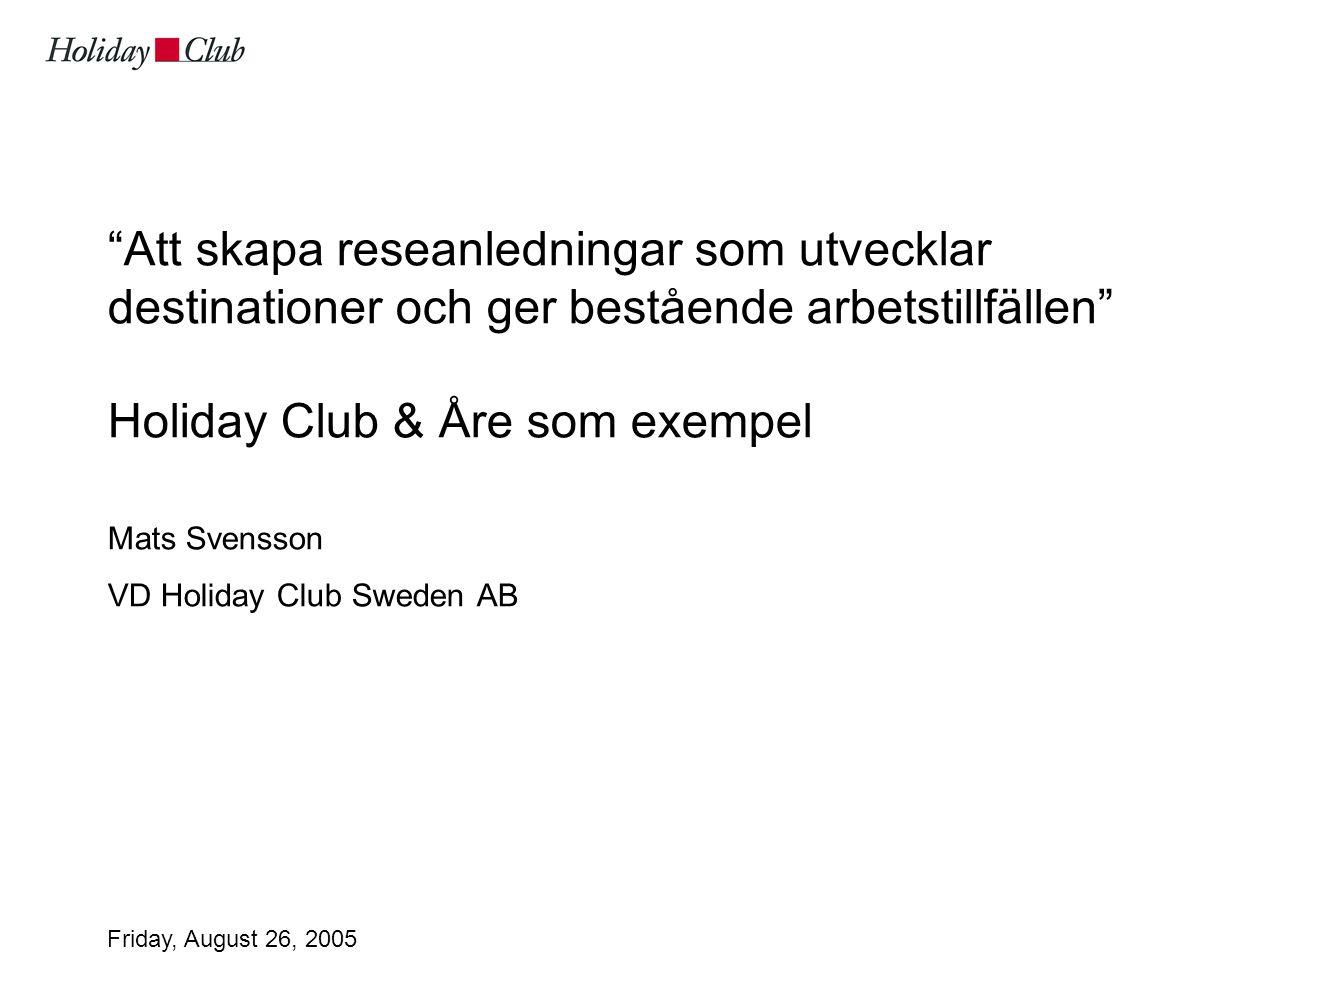 Friday, August 26, 2005 Att skapa reseanledningar som utvecklar destinationer och ger bestående arbetstillfällen Holiday Club & Åre som exempel Mats Svensson VD Holiday Club Sweden AB